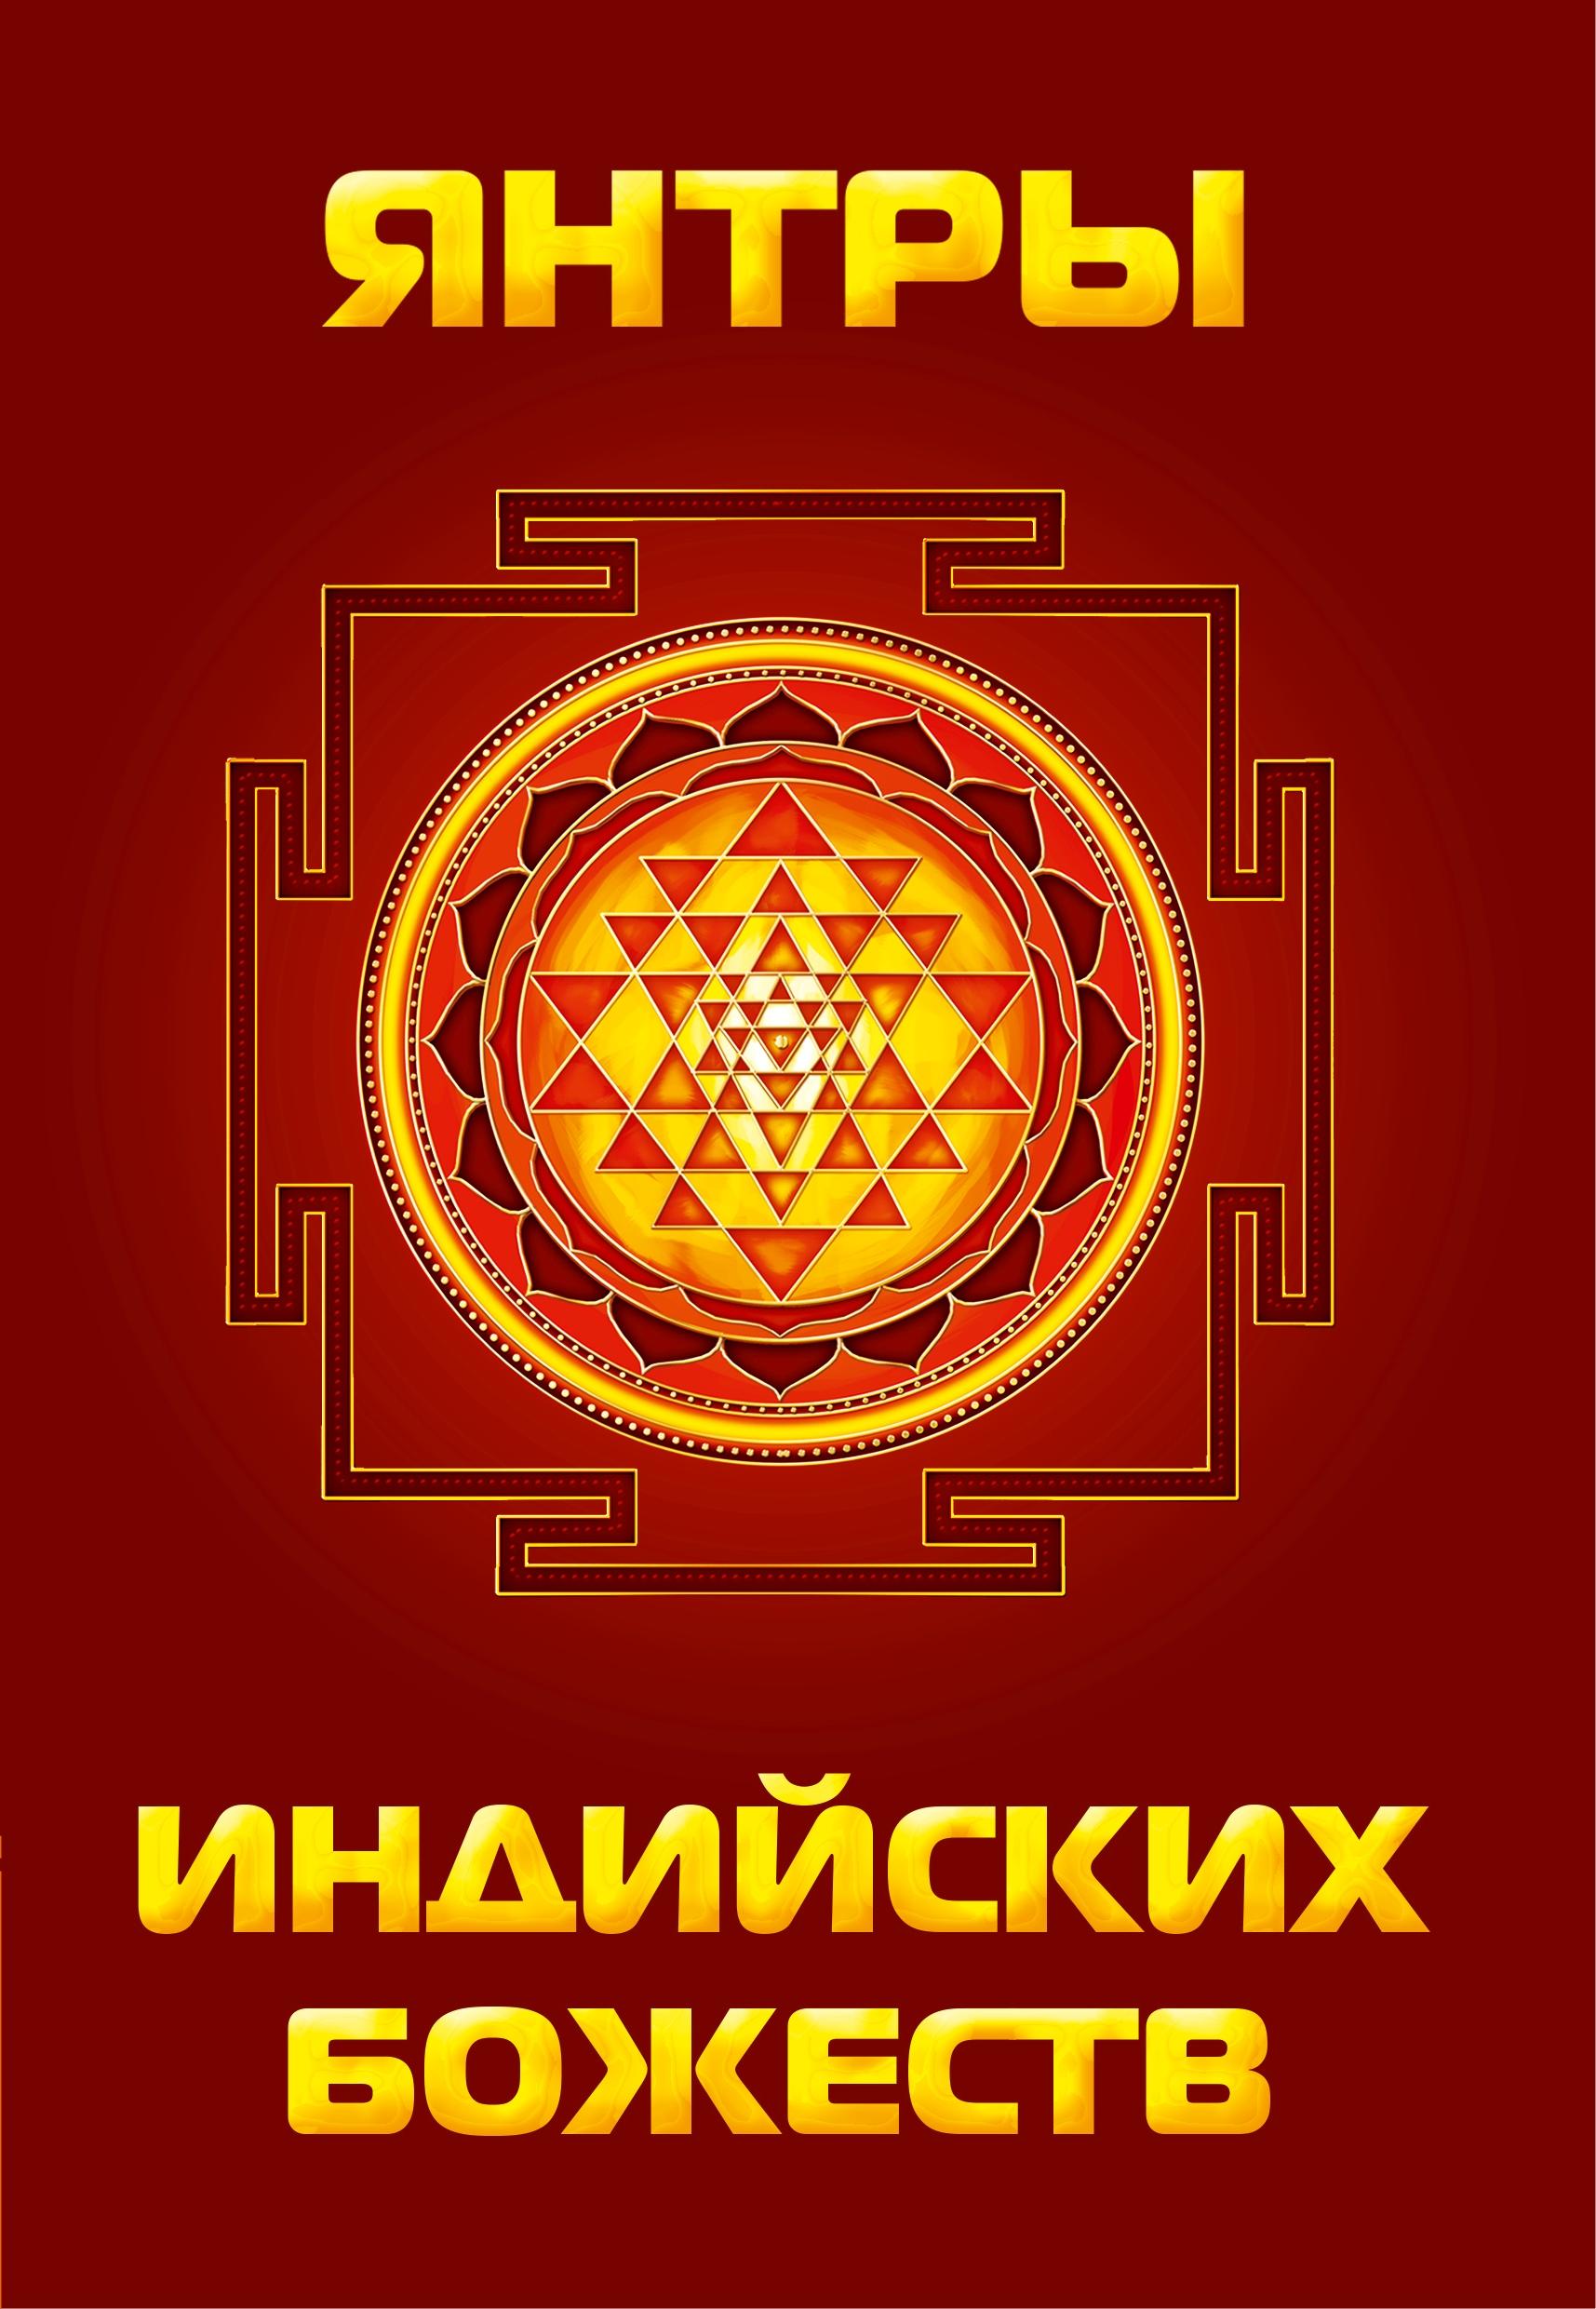 Янтры индийских божеств(меловка, цвет)